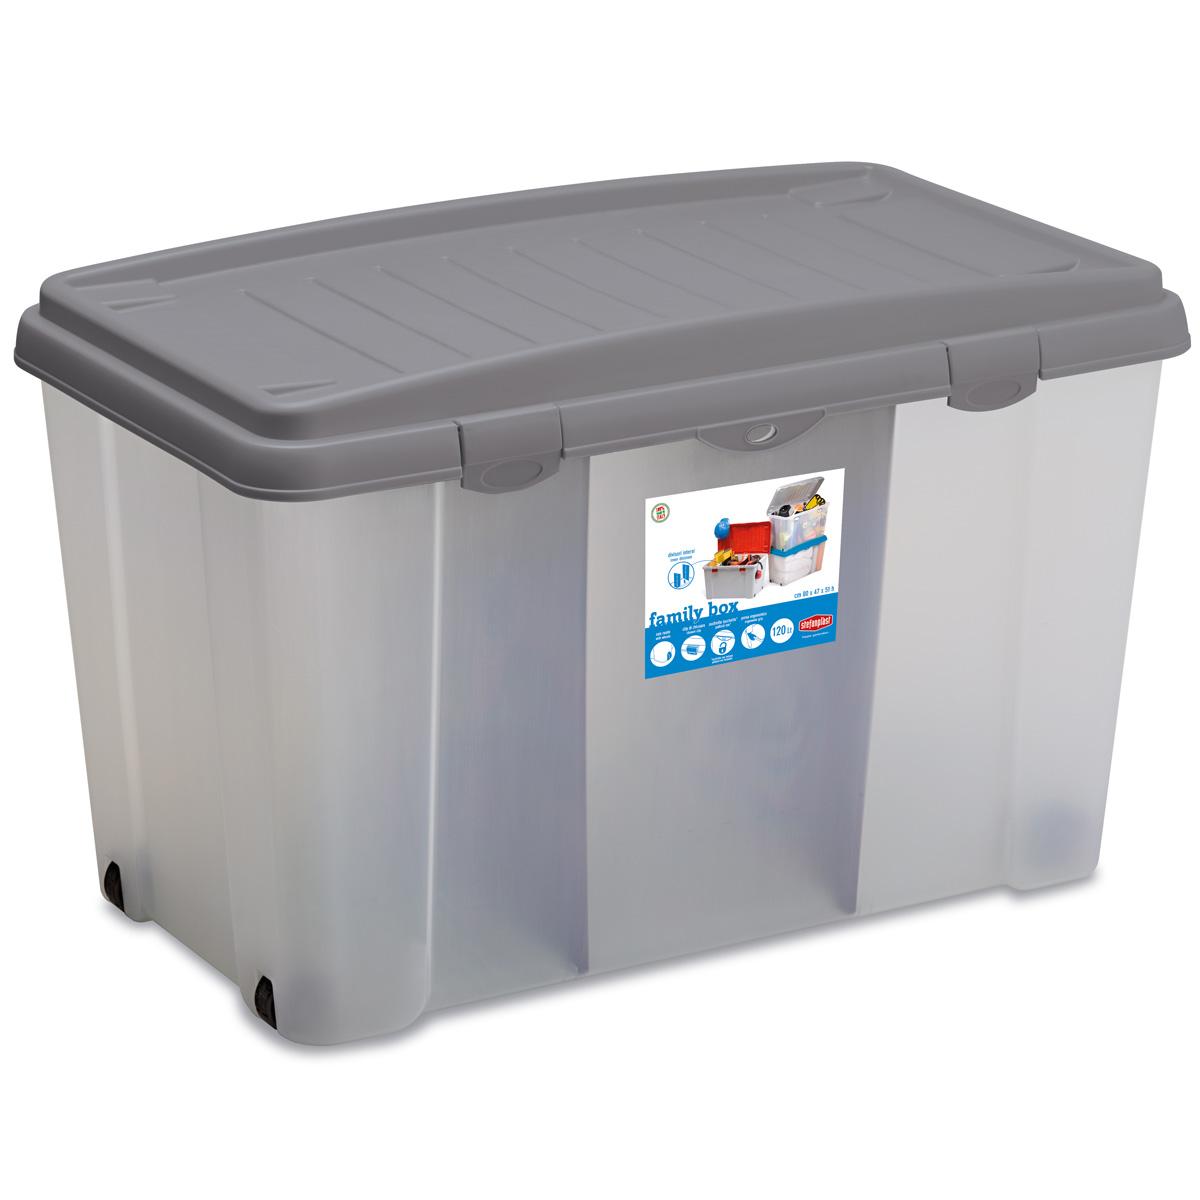 aufbewahrungsbox ordnungsbox spielzeugkiste kunststoffbox organizer mit deckel ebay. Black Bedroom Furniture Sets. Home Design Ideas